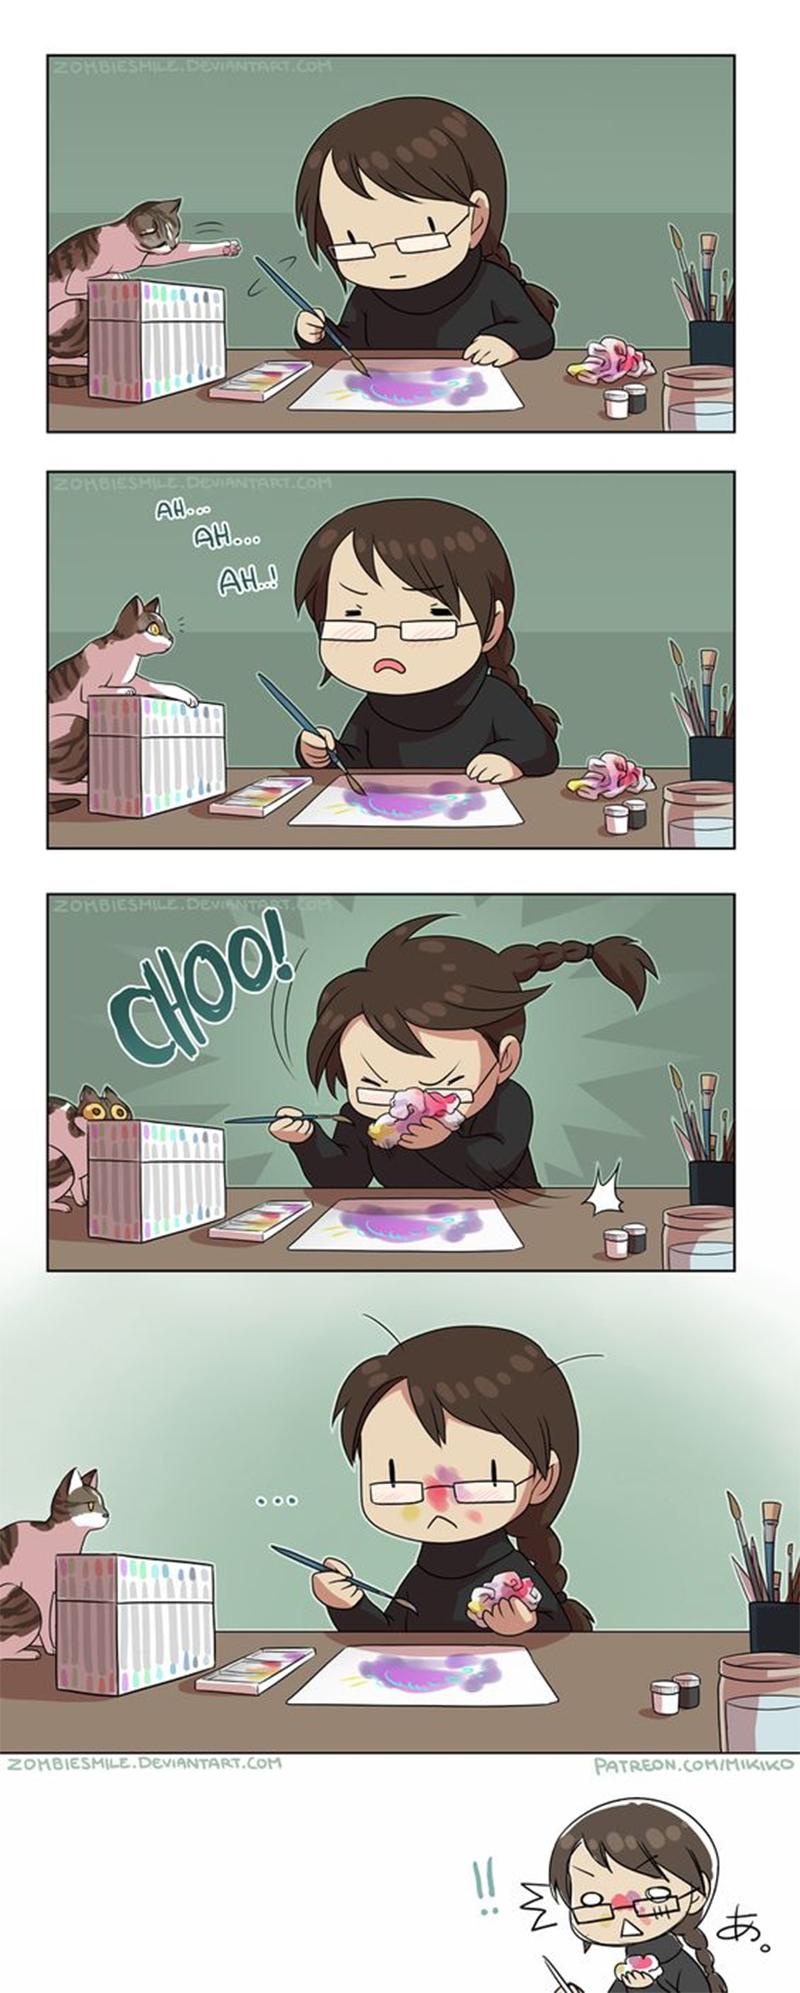 uma grande artista